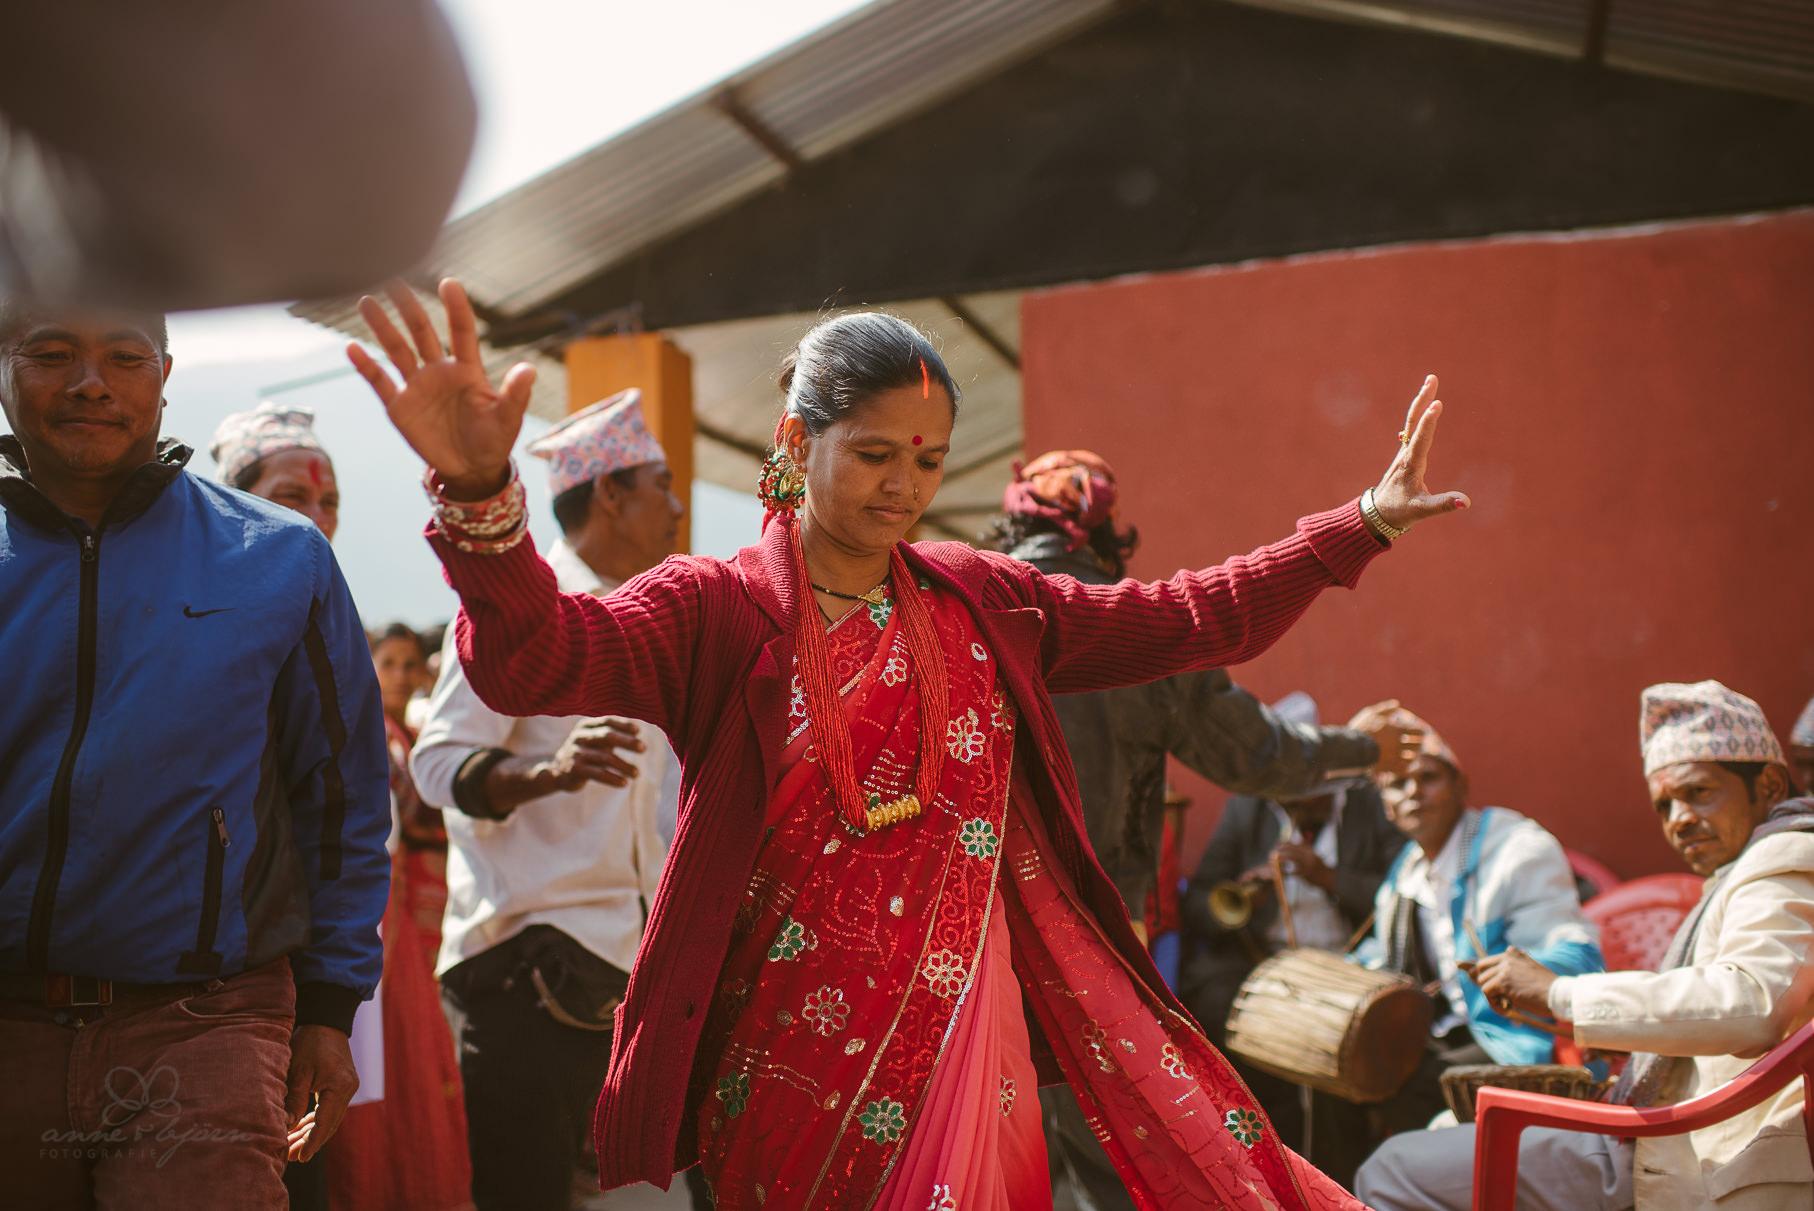 0018 anne und bjoern chitwan nationalpark nepal d75 3397 2 - Nepal Teil 3 - Roadtrip, Chitwan Nationalpark und eine spontane Hochzeit